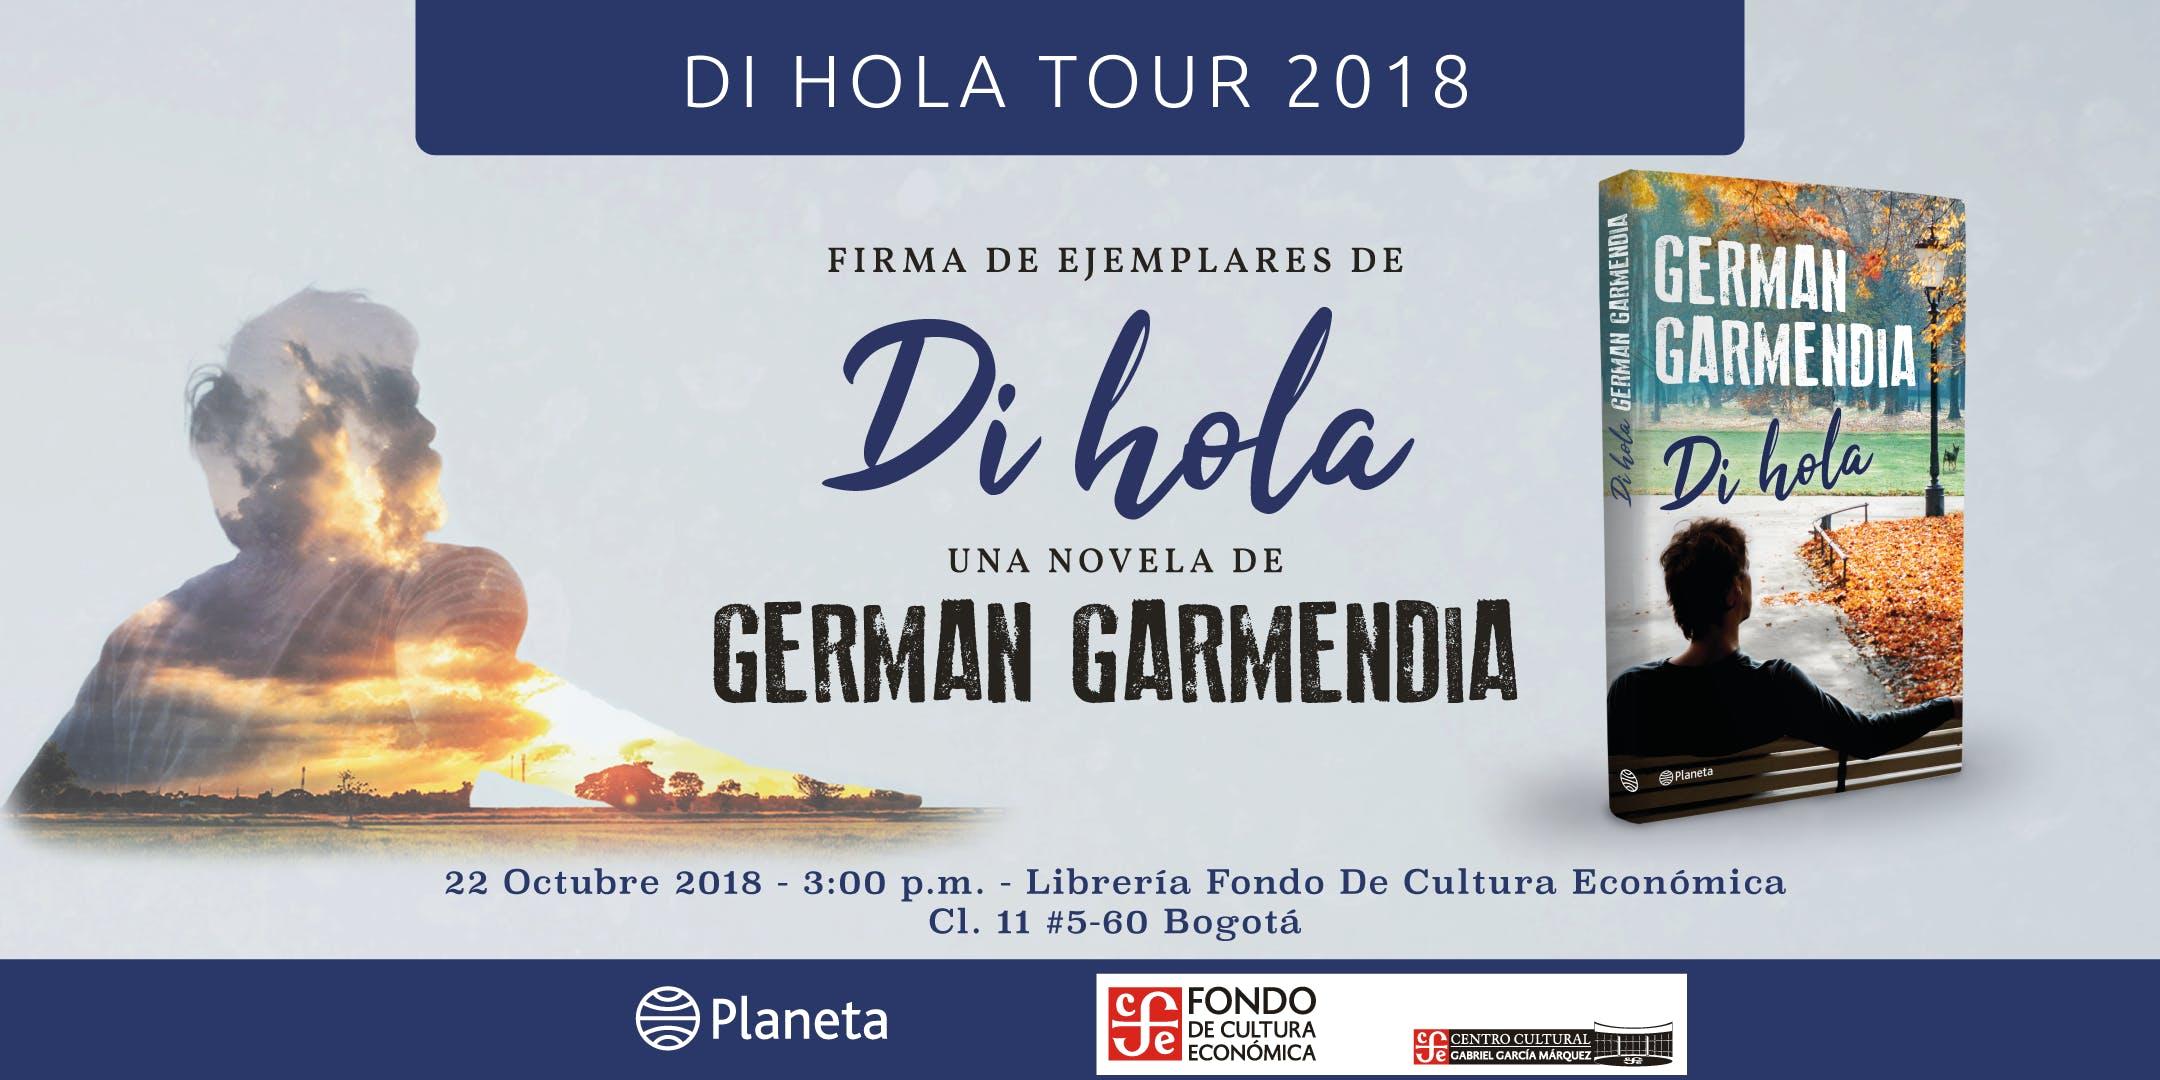 DI HOLA TOUR 2018 COLOMBIA - Bogotá